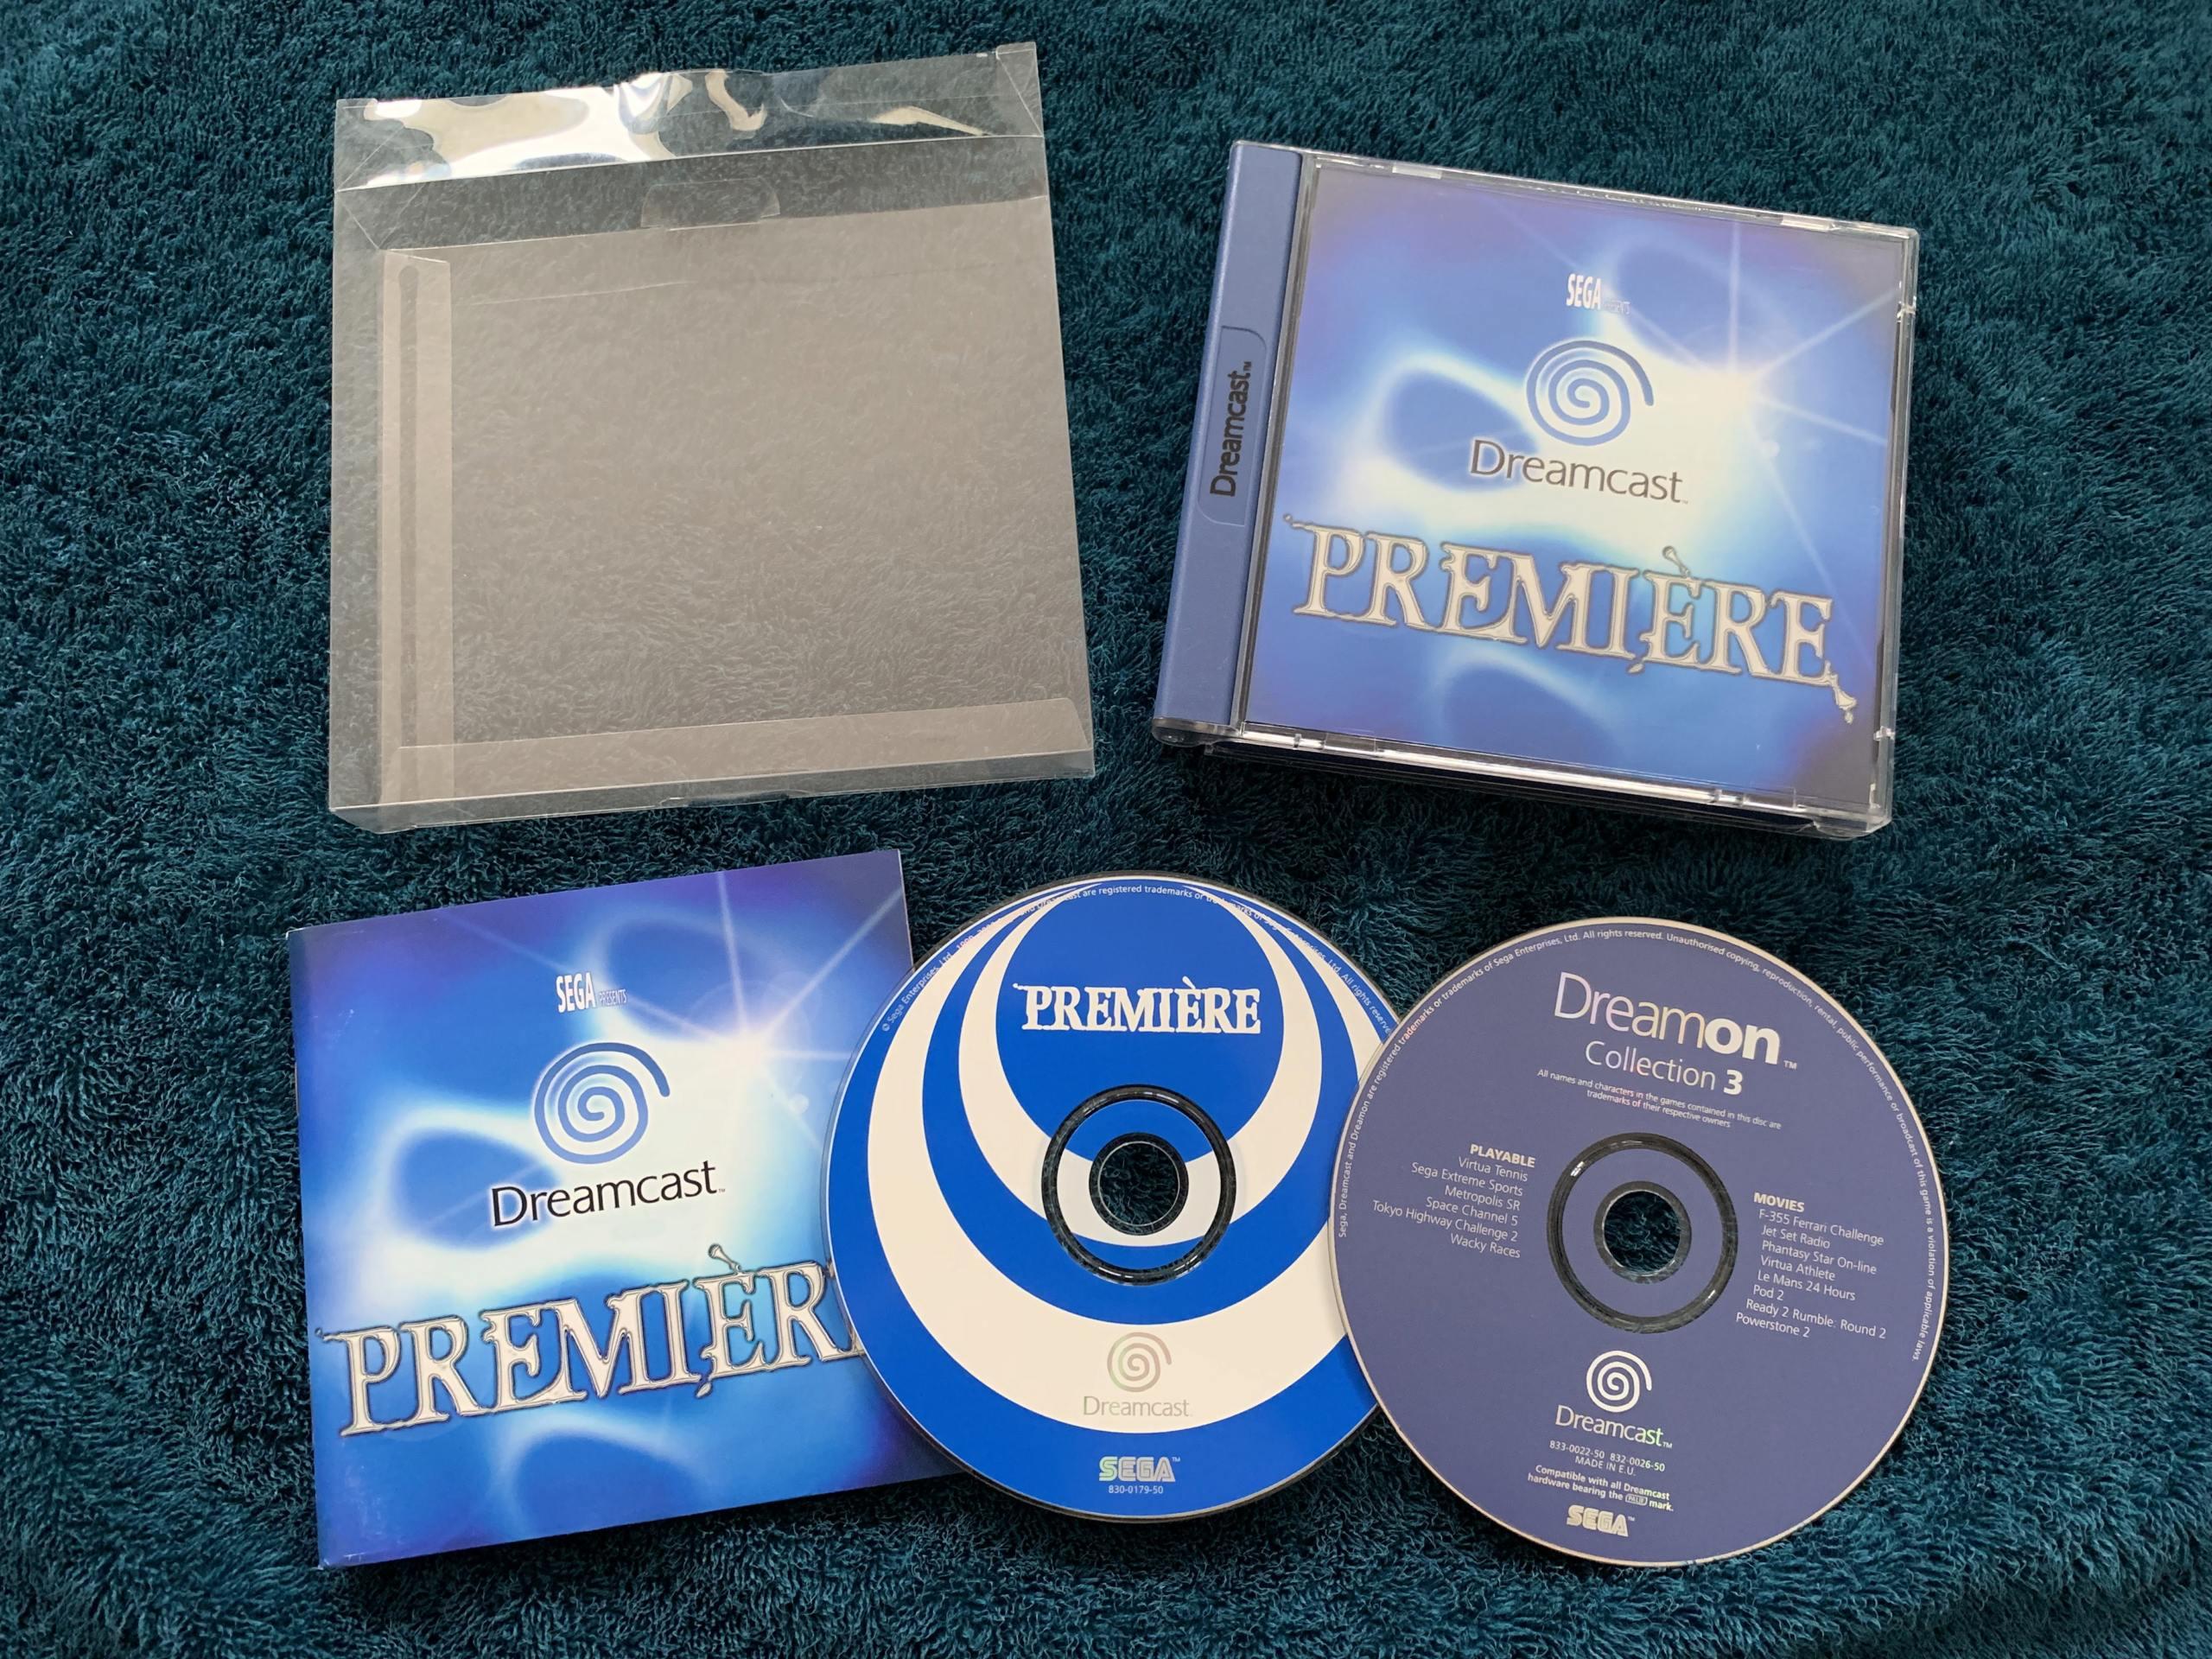 [VENDU] Fullset Jeux Dreamcast, Accessoires, Promo, Rigides... - 350 pièces - NEUF SOUS BLISTER 058_pr10